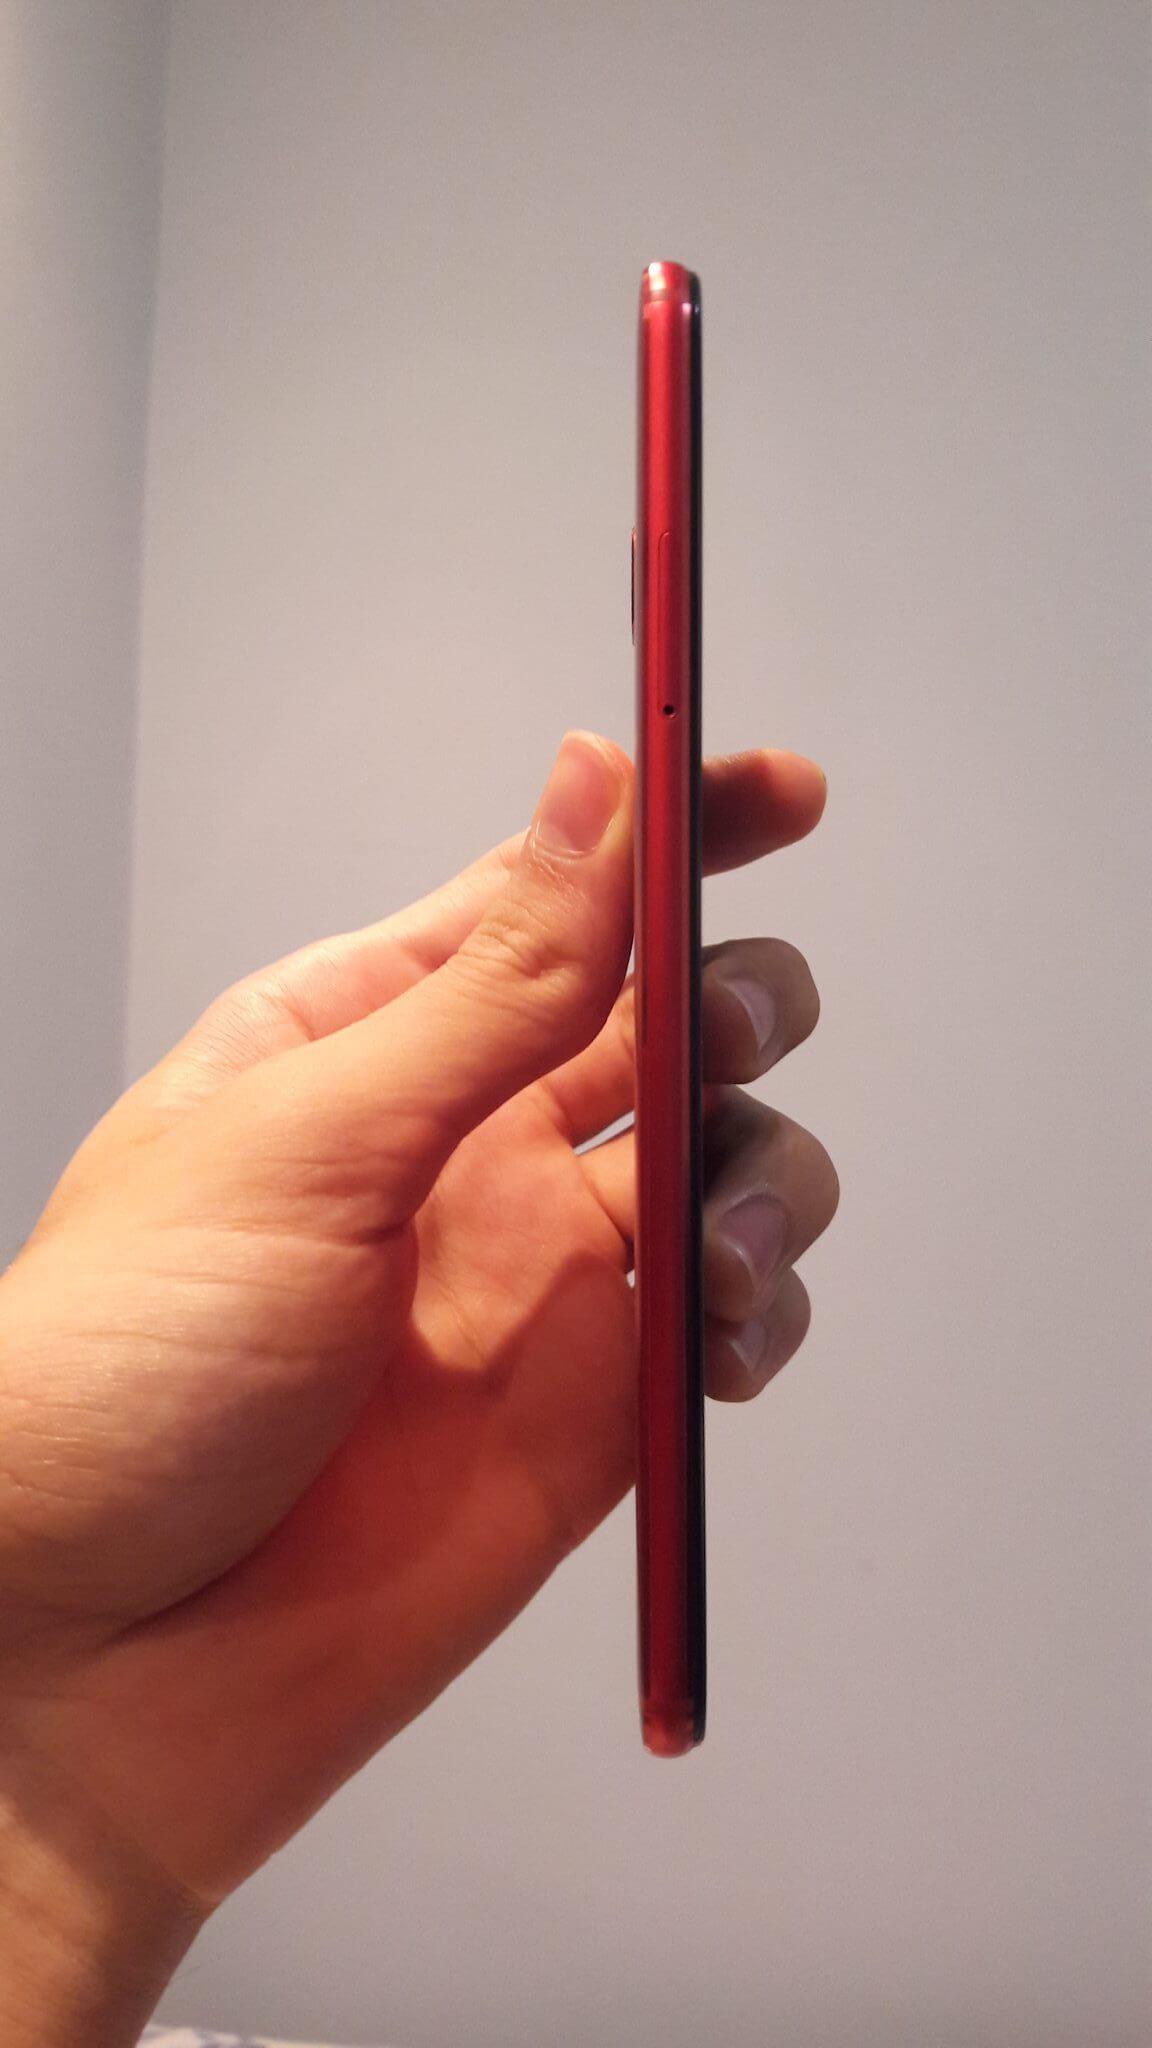 20171109 1826310 e1510267031296 - REVIEW: Zenfone 4 Selfie Pro é um sonho para os amantes de selfies